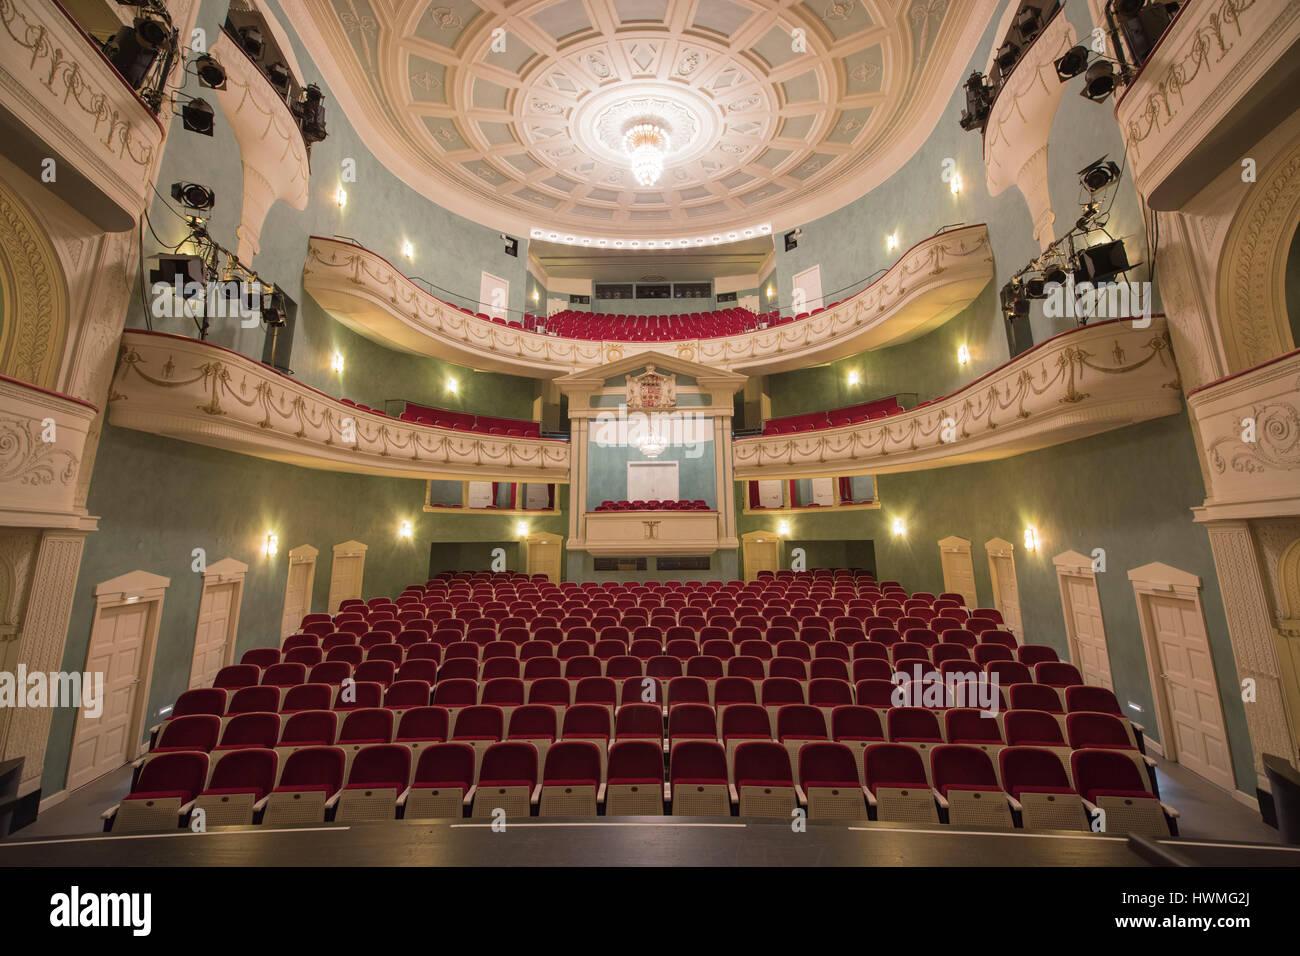 Deutschland, Nordrhein-Westfalen, Detmold, Landestheater Detmold, Zuschauerraum Stock Photo